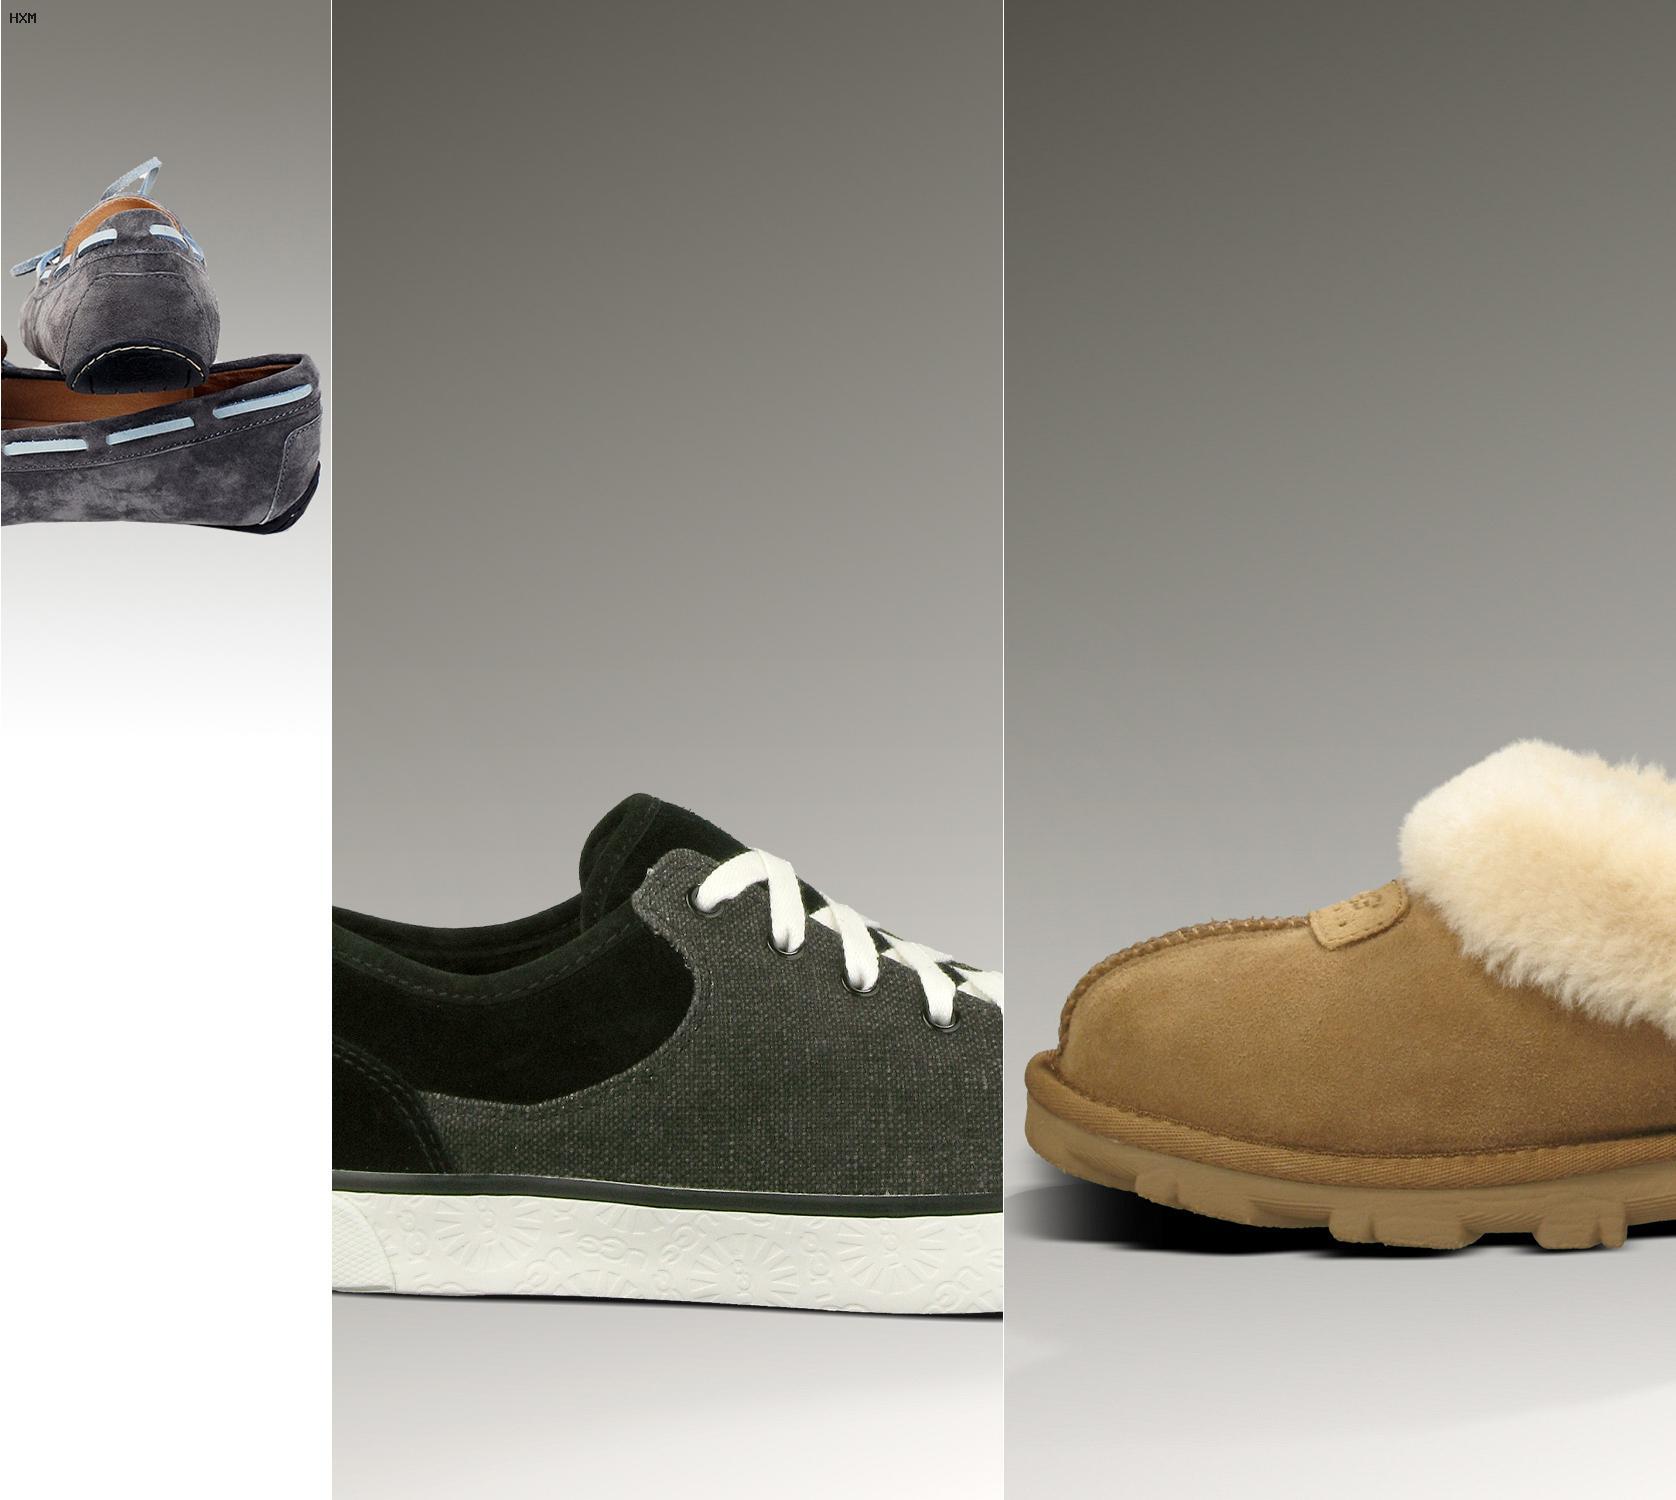 tienda botas ugg madrid